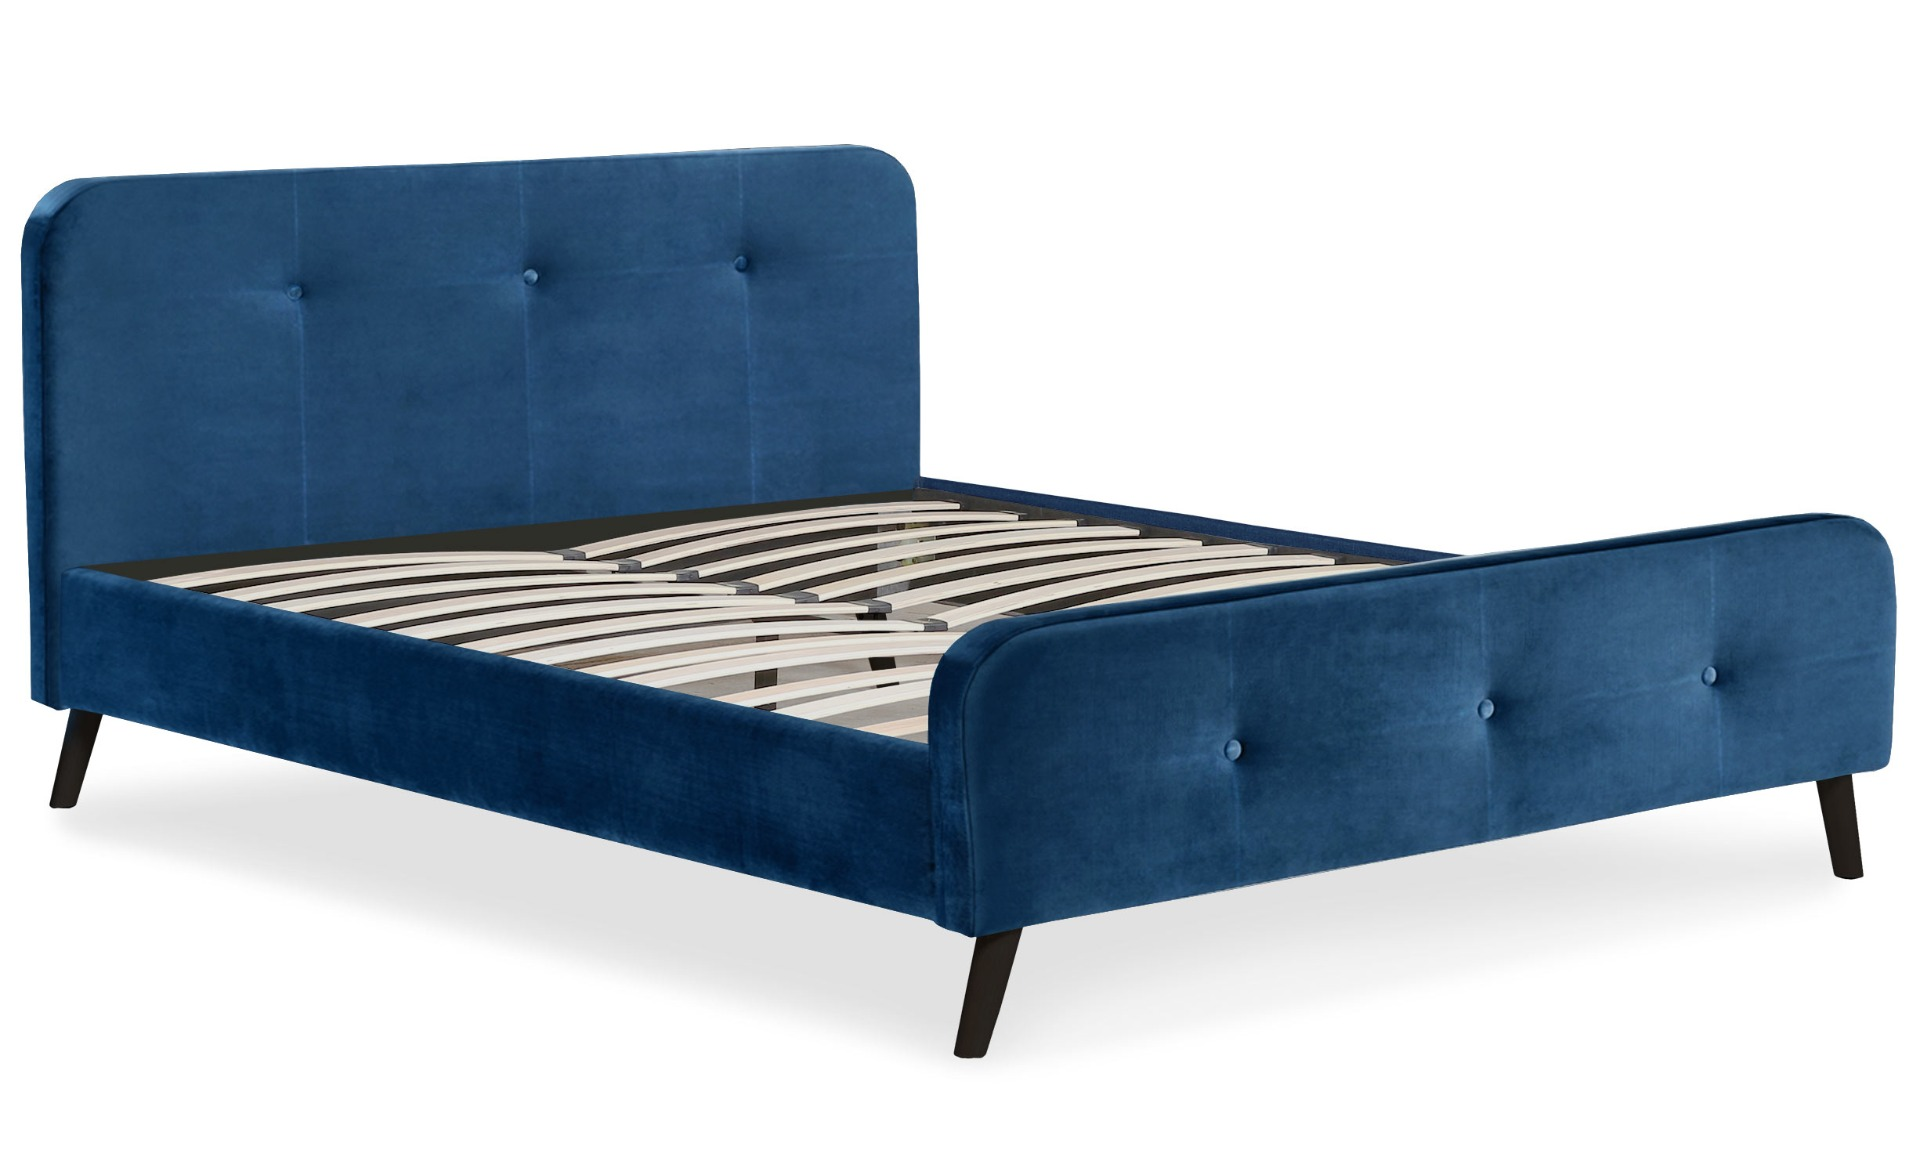 Lit scandinave avec tête de lit et sommier 160x200cm Delano Velours Bleu